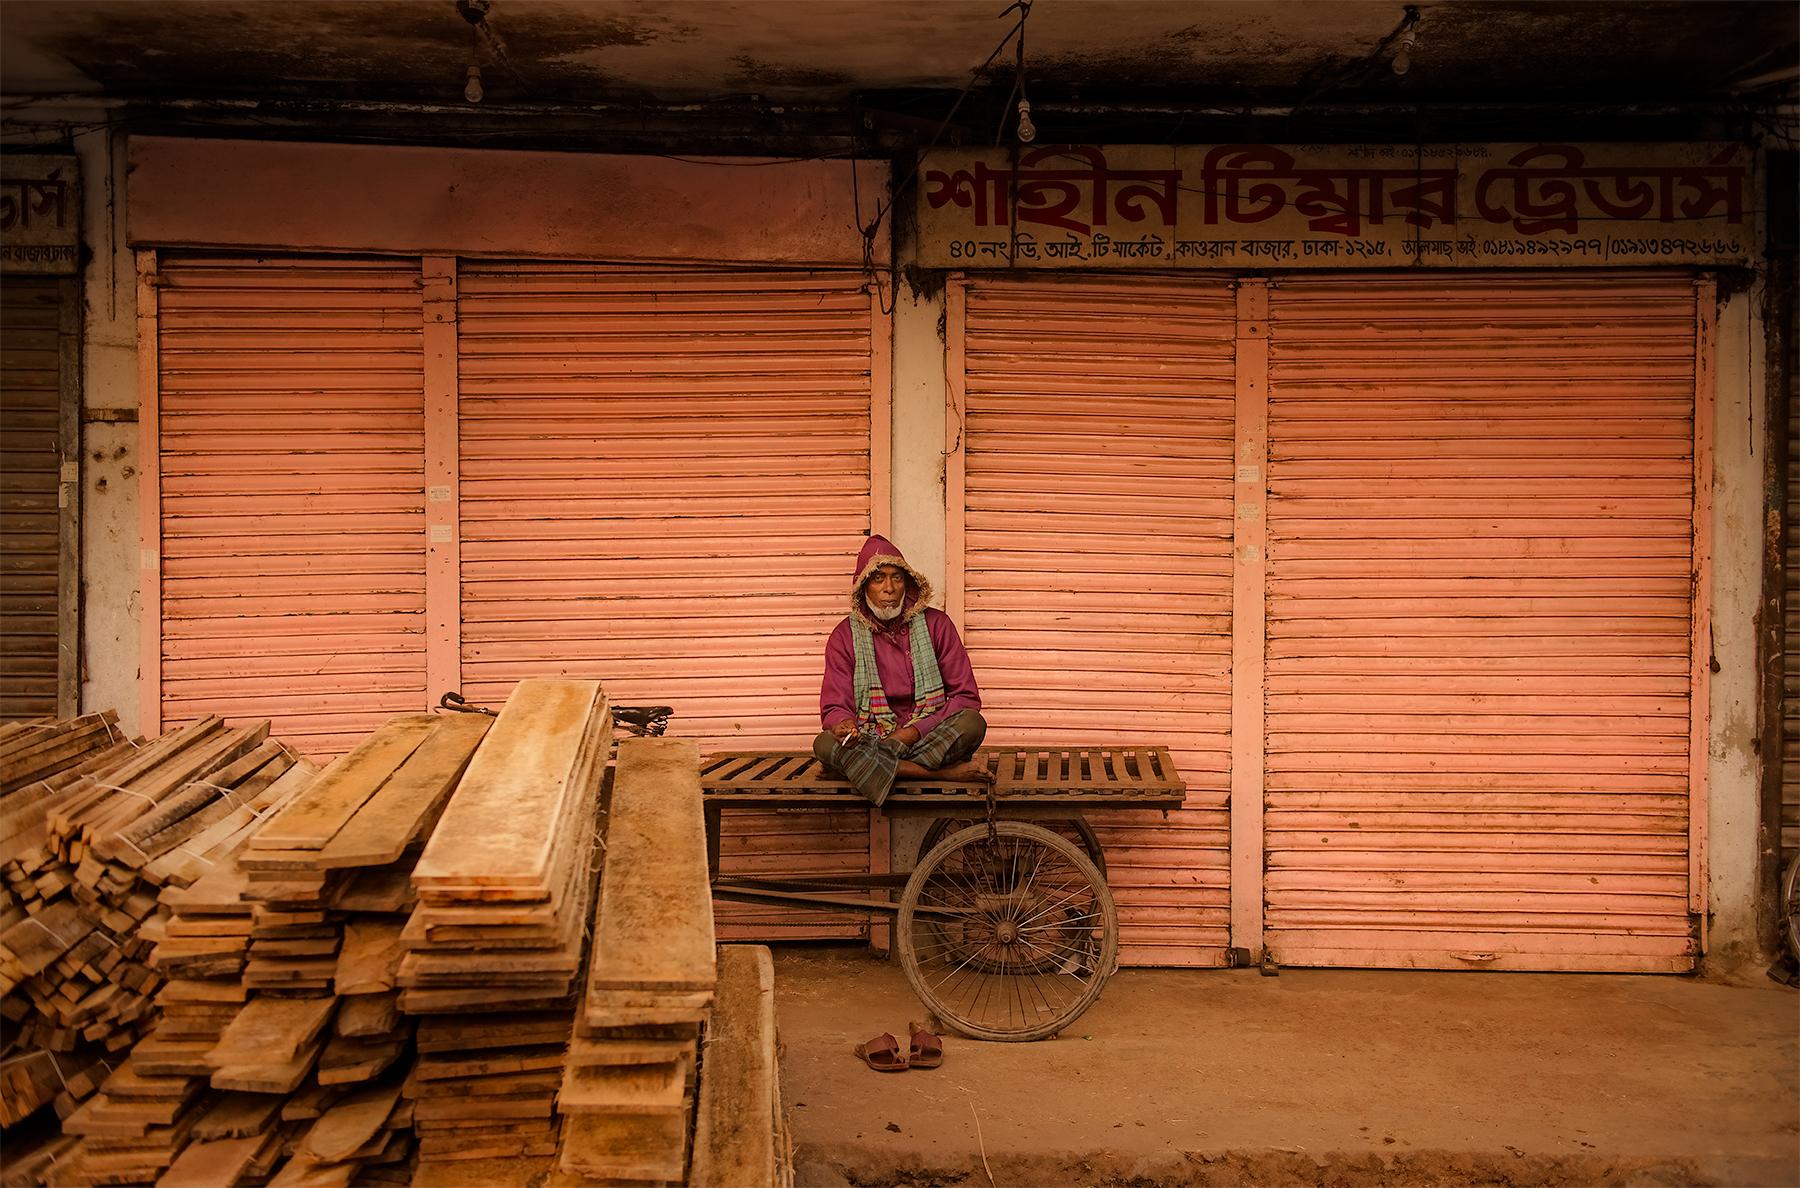 Man at the market, Dhaka, Bangladesh